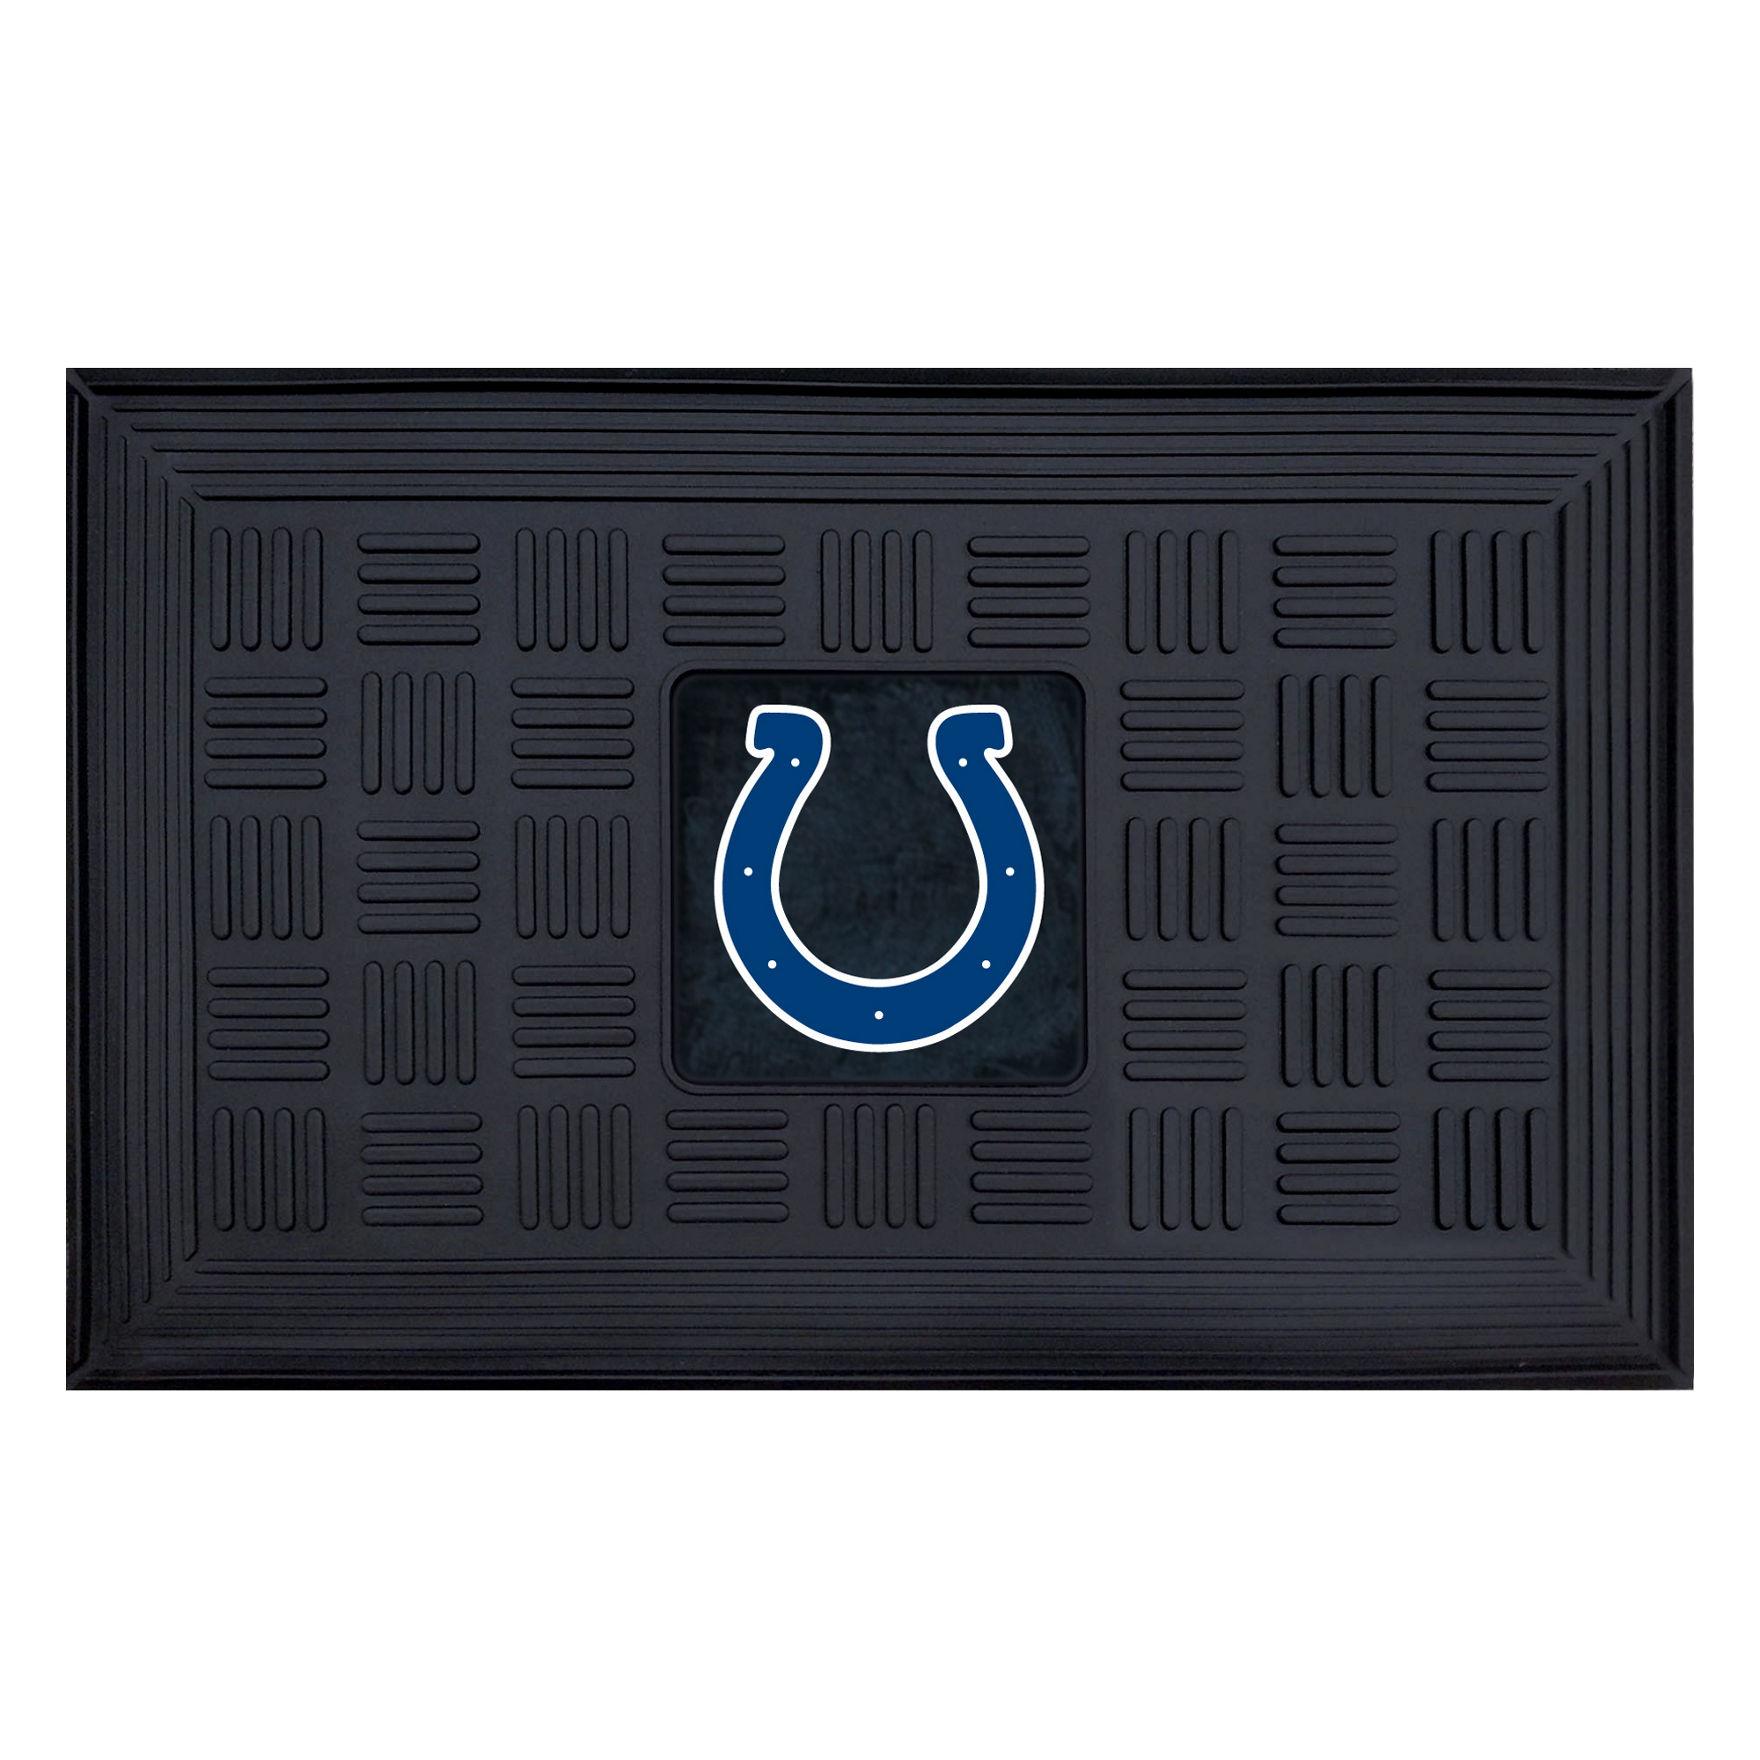 Fanmats Black Outdoor Rugs & Doormats NFL Outdoor Decor